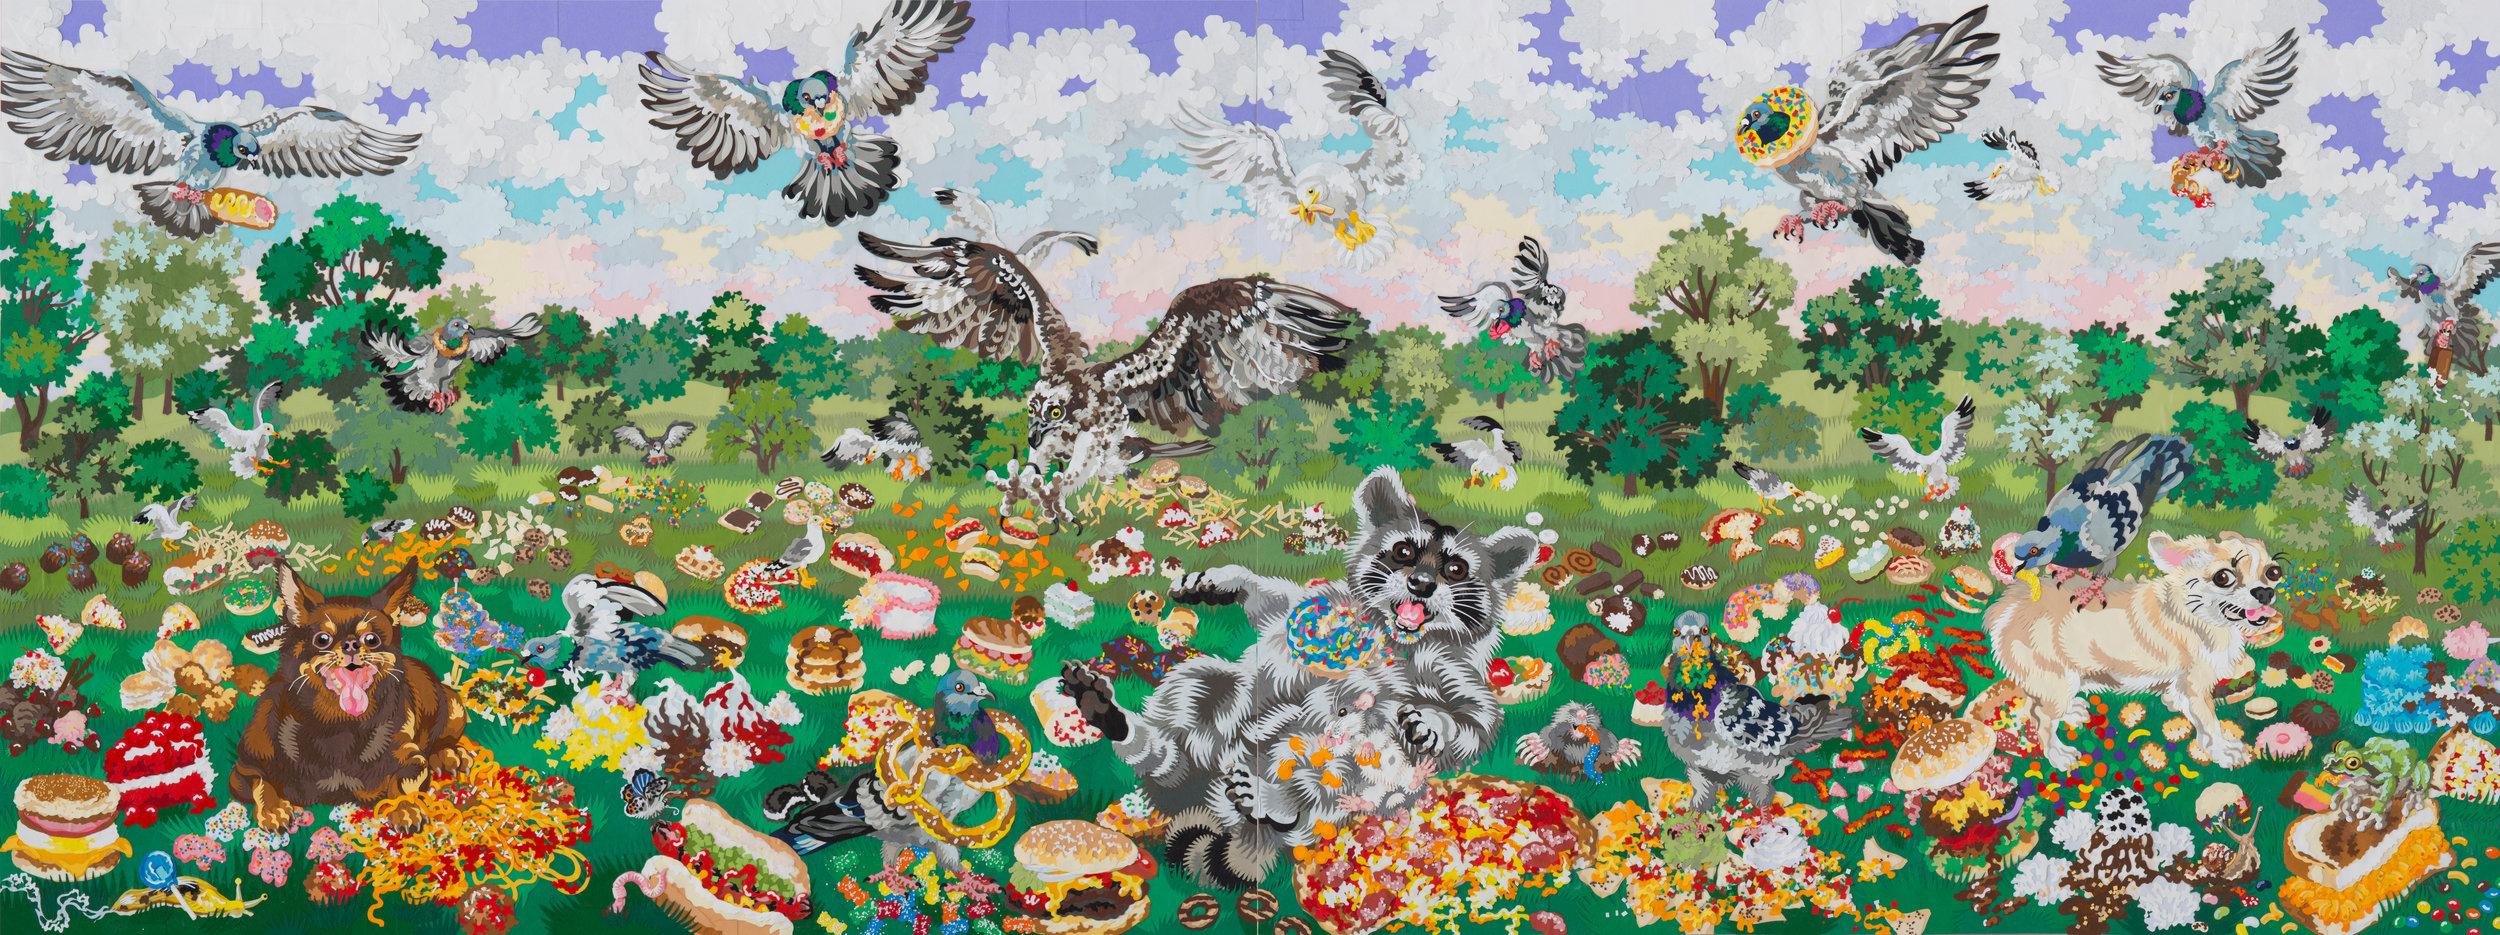 Pigeon Heaven